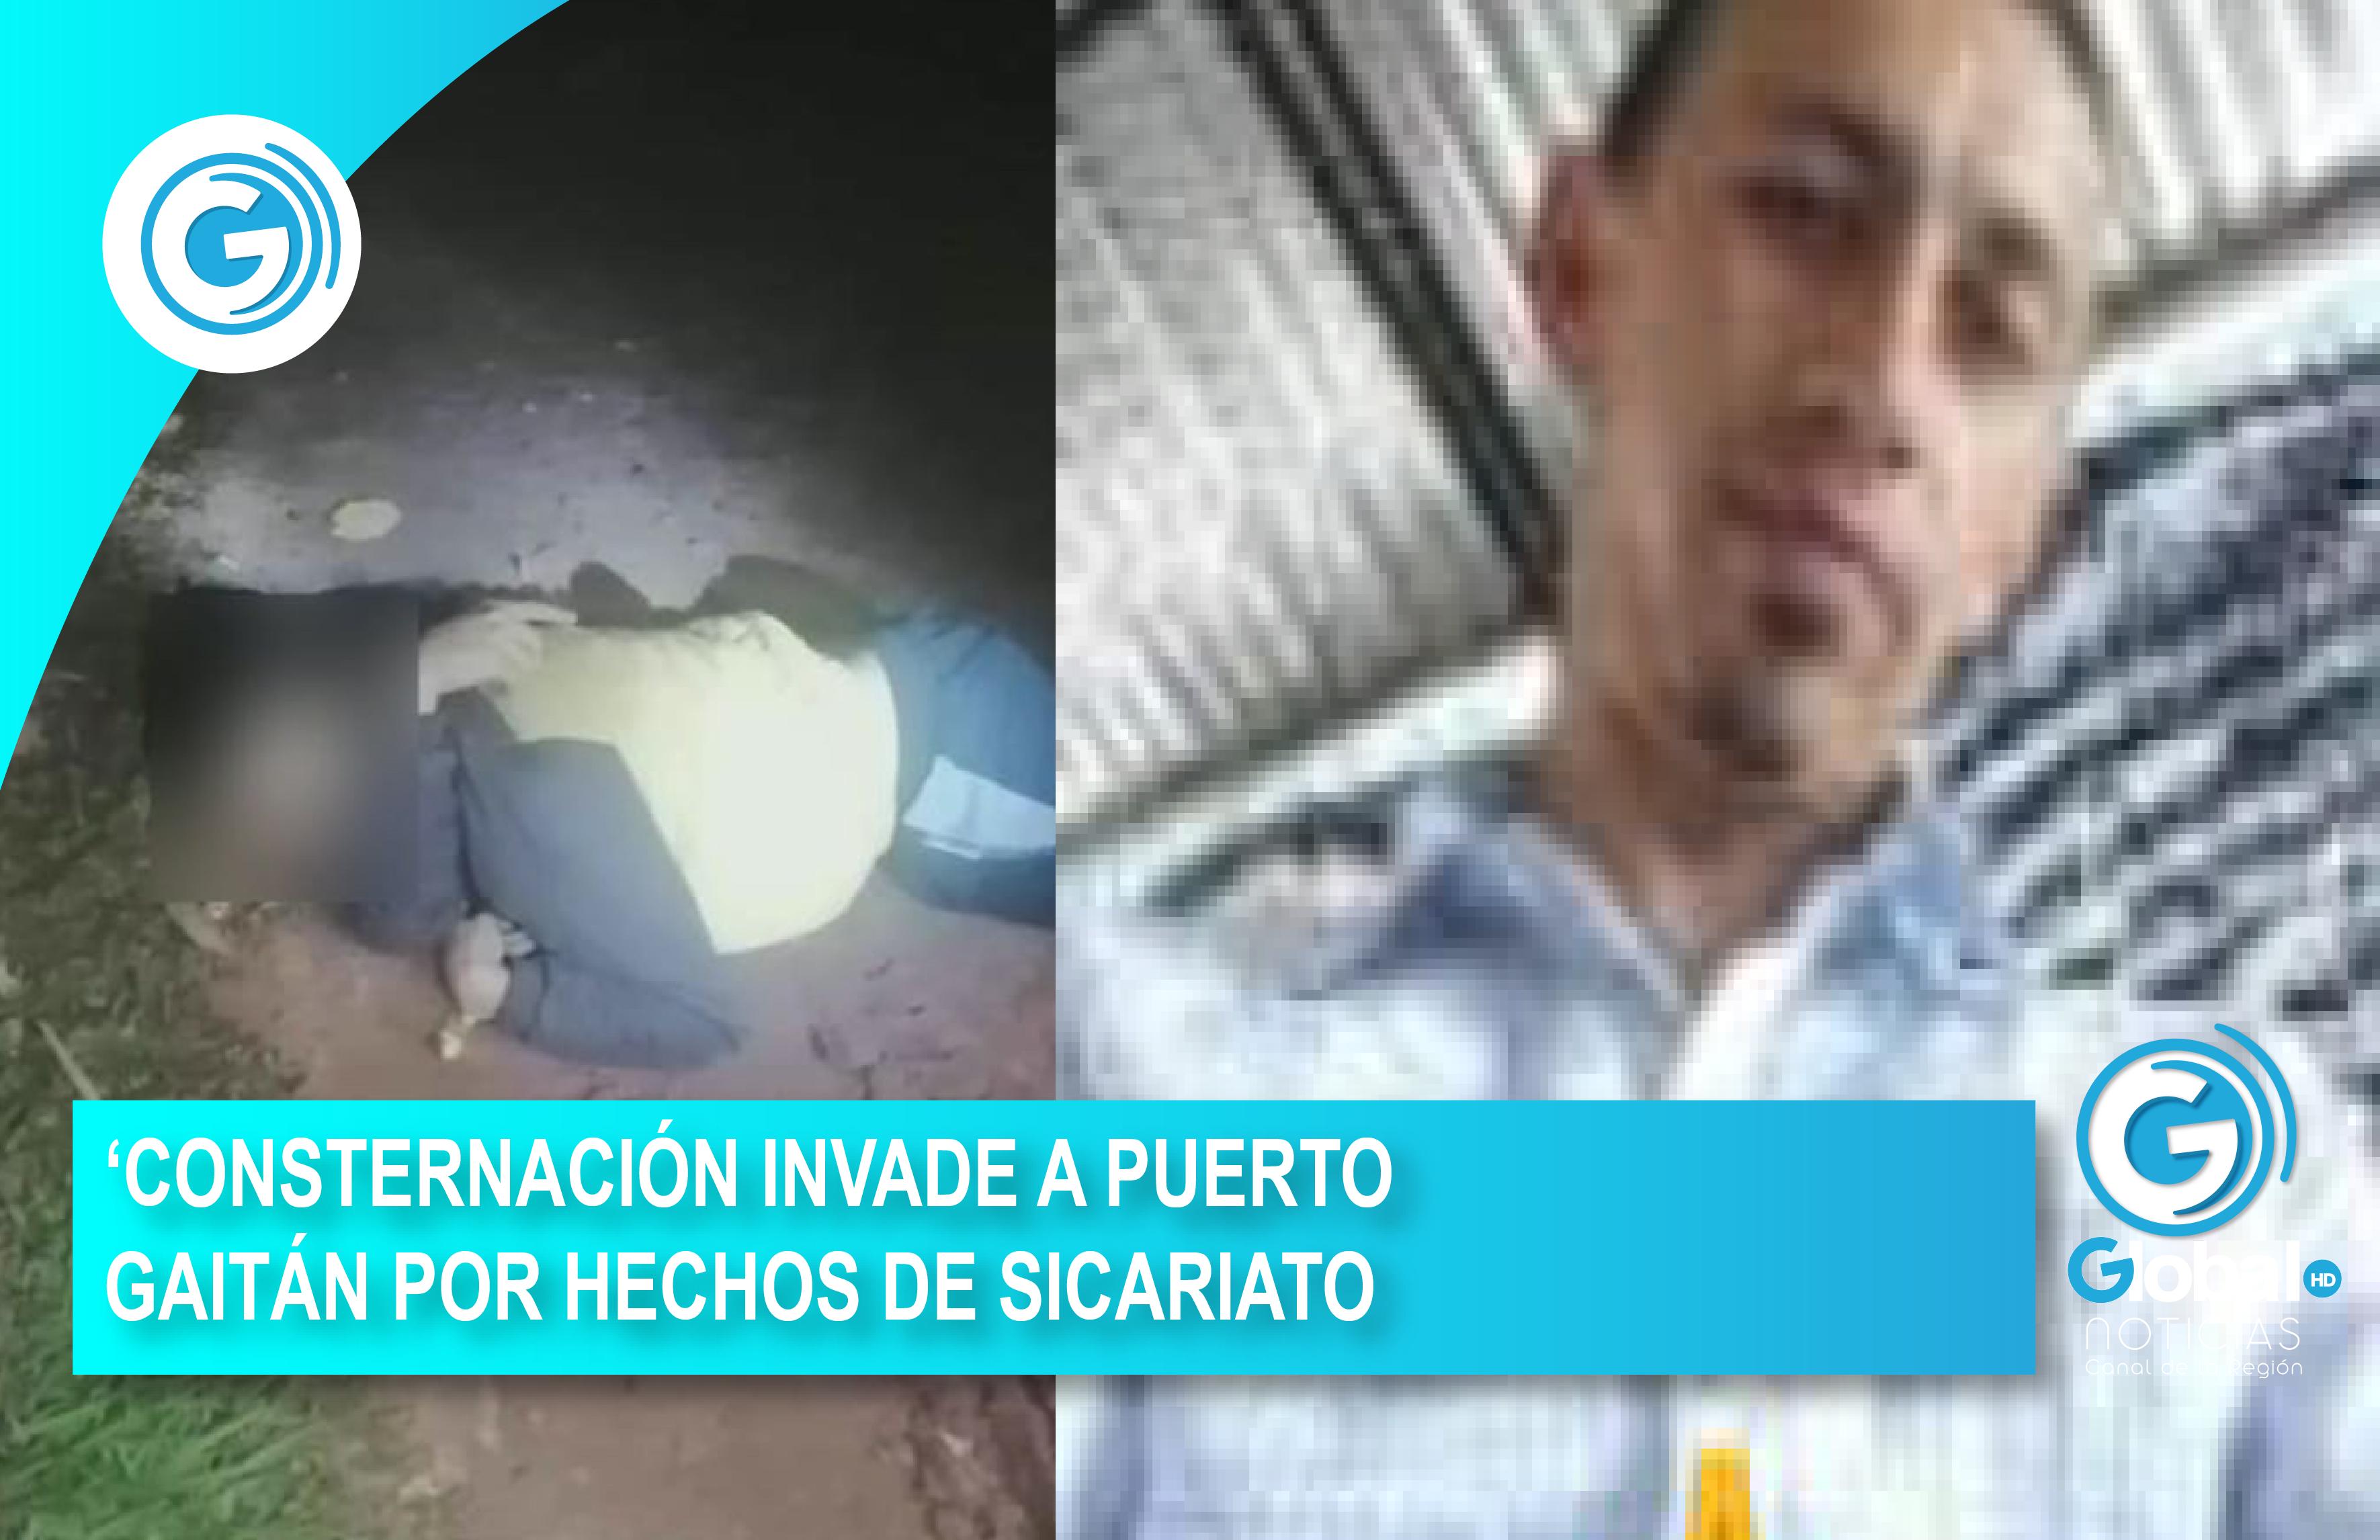 CONSTERNACIÓN INVADE A PUERTO GAITÁN POR HECHOS DE SICARIATO